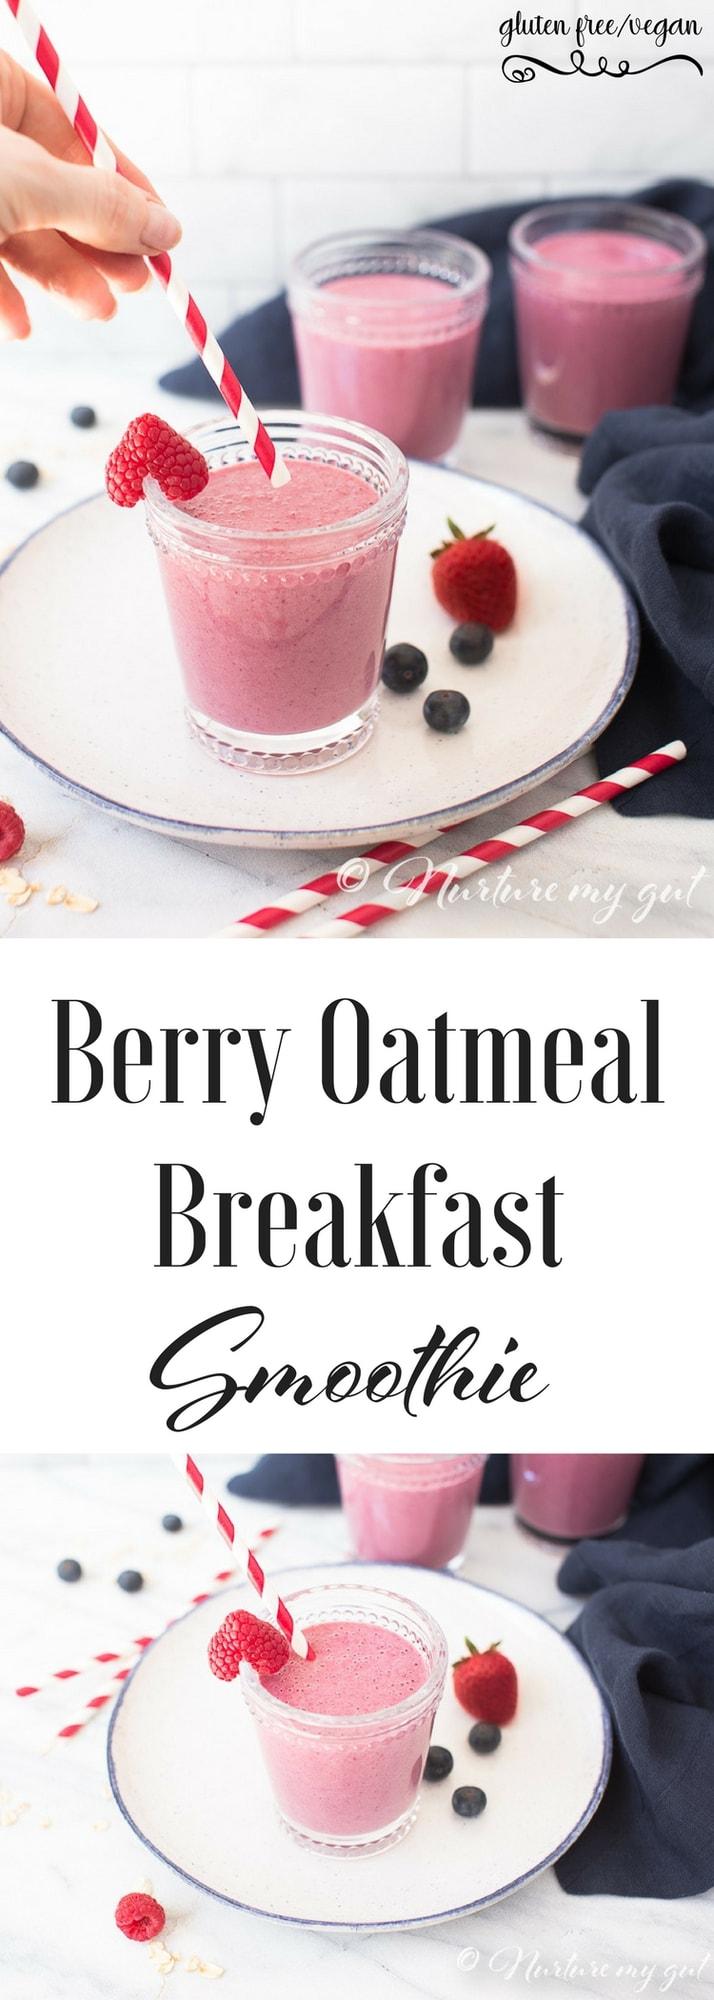 Berry Oatmeal Breakfast